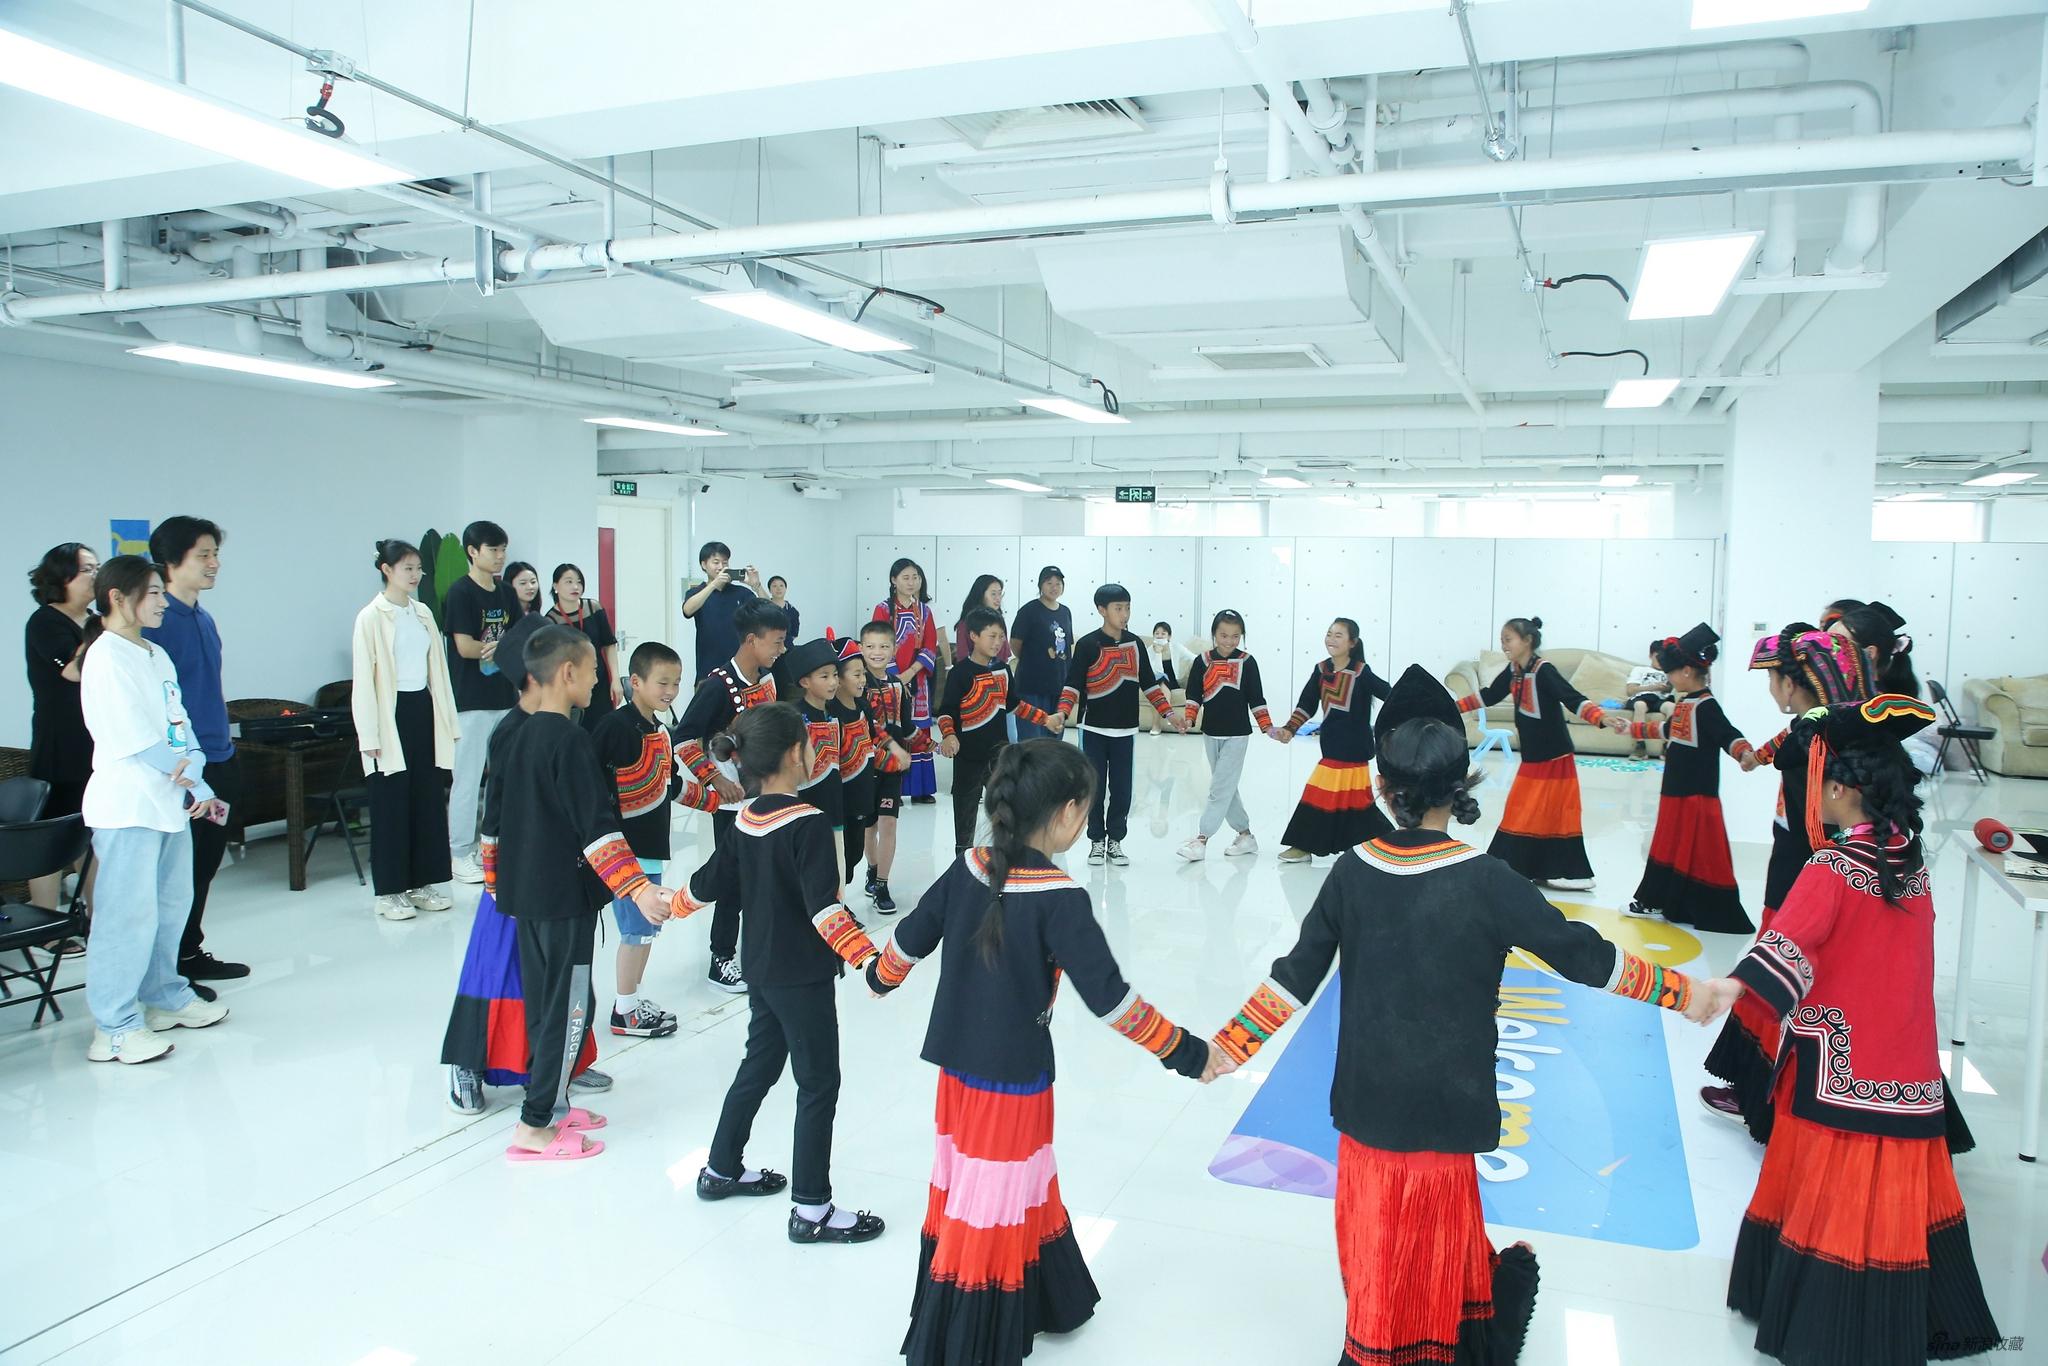 孩子们在表演彝族舞蹈